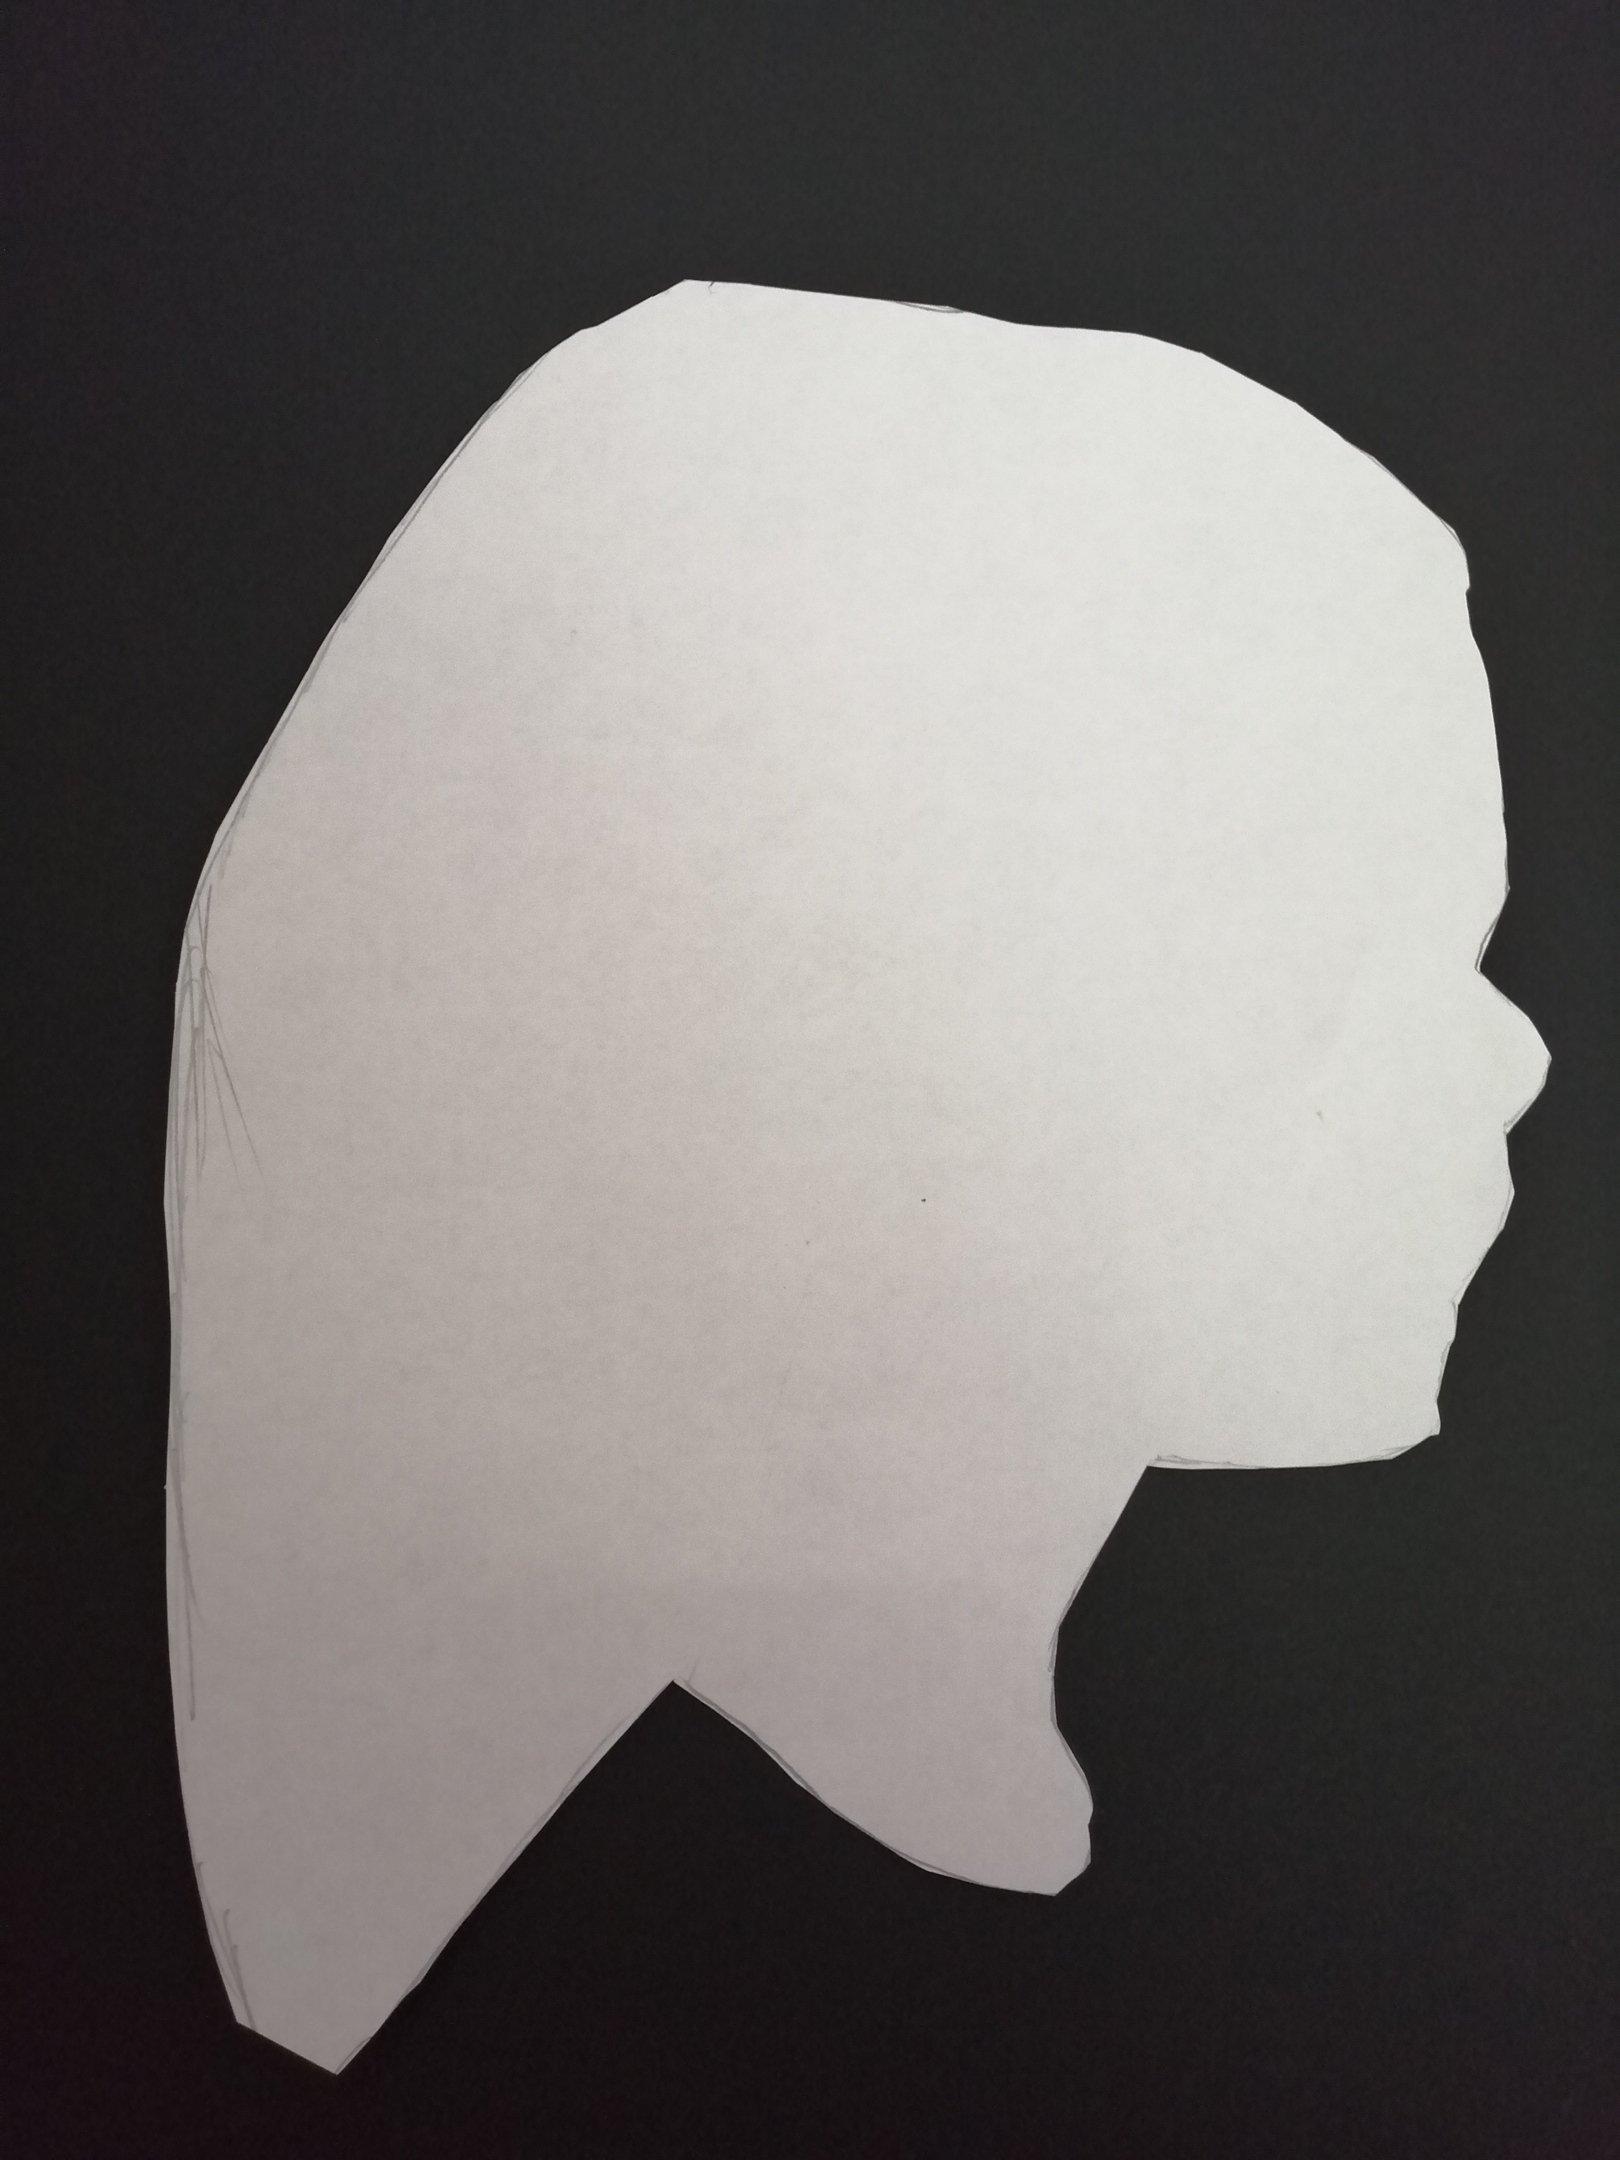 Scarlett silhouette